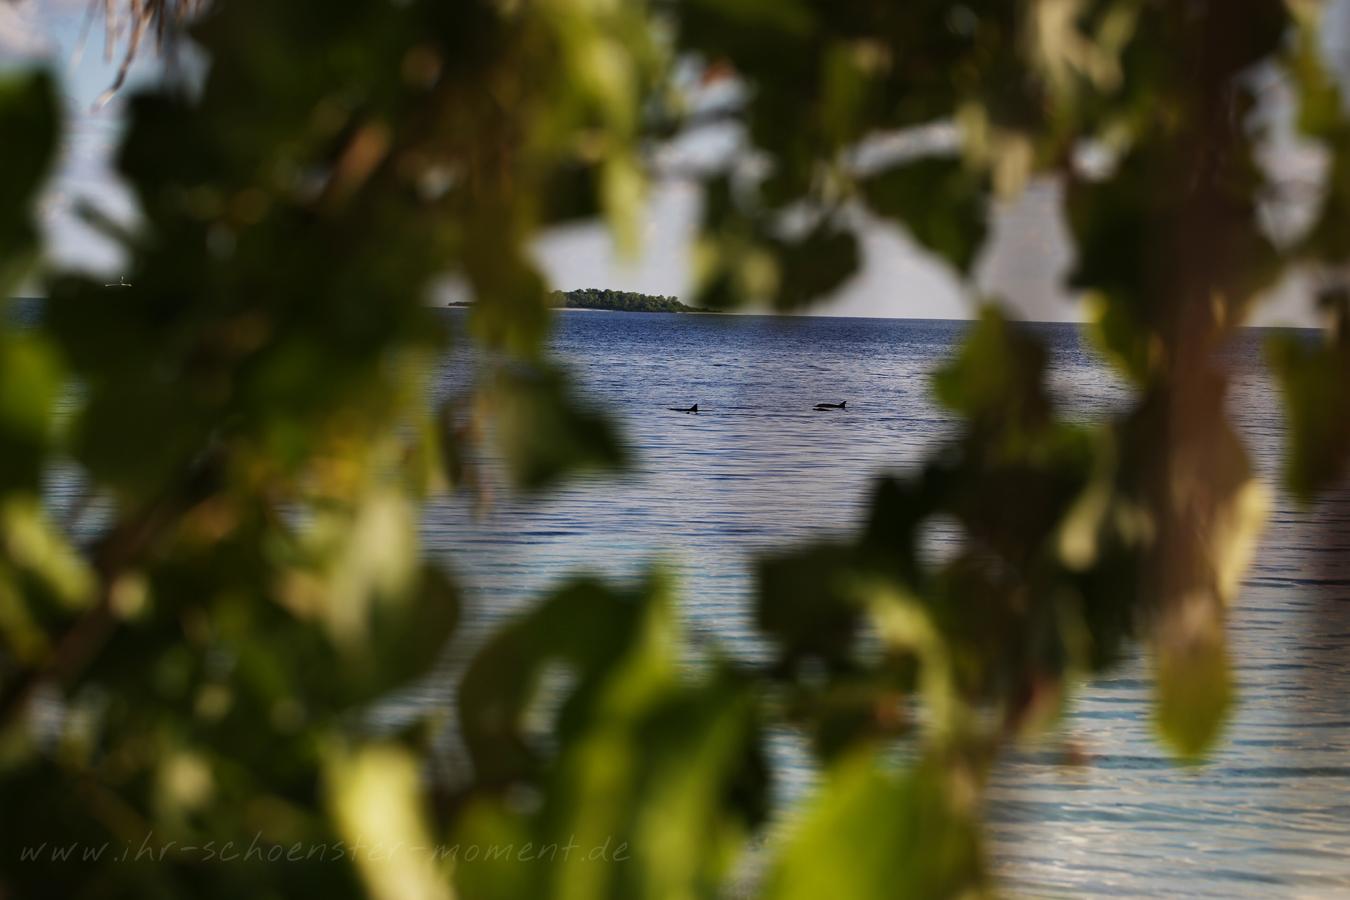 malediven-delphine